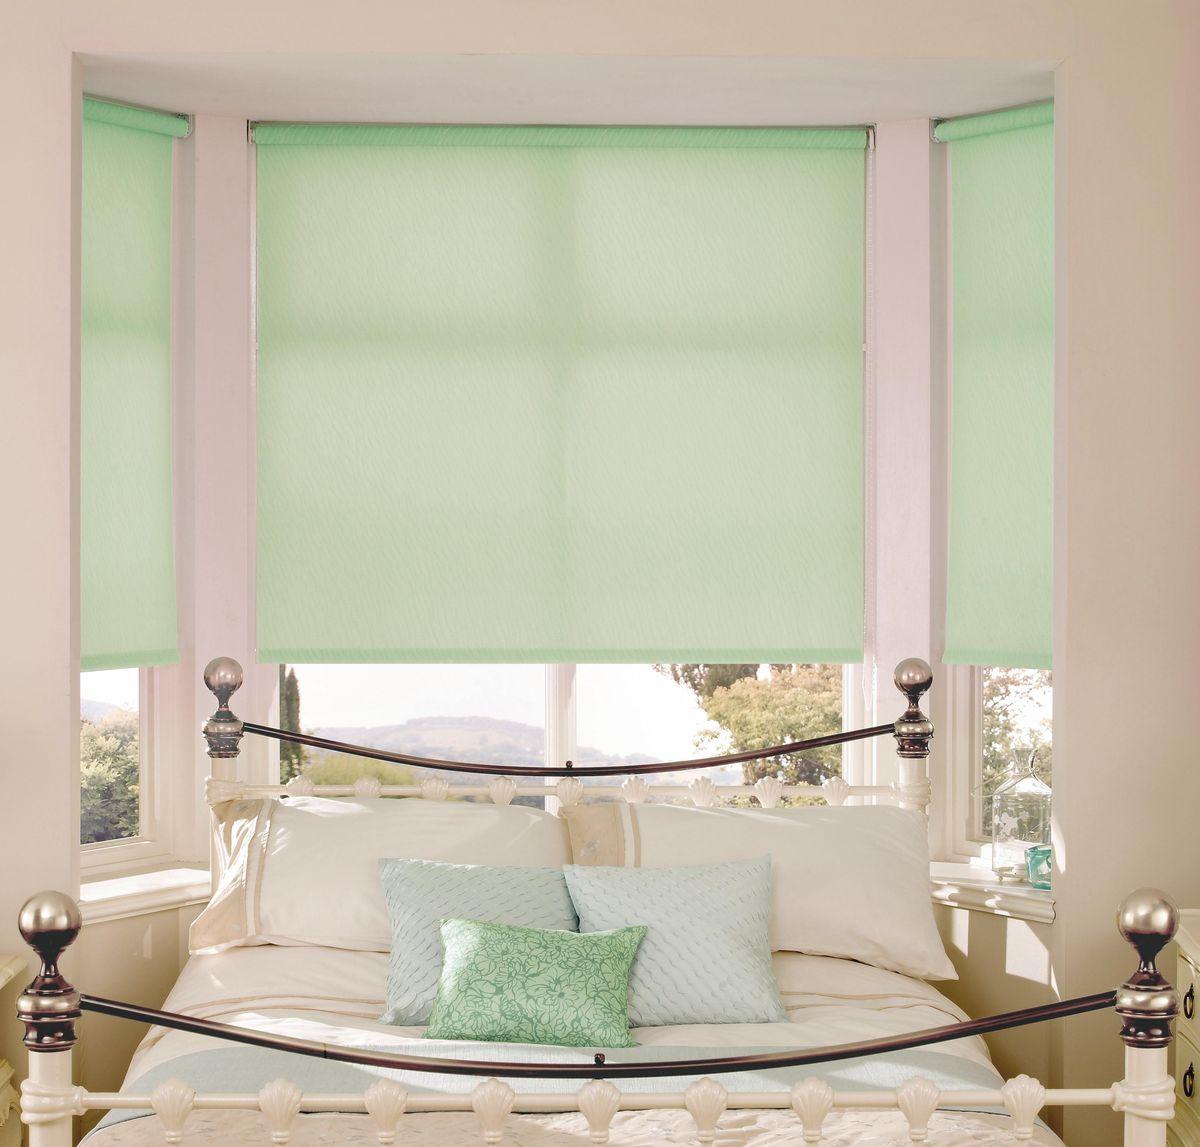 Штора рулонная Эскар, цвет: светло-зеленый, ширина 80 см, высота 170 см81017080170Рулонными шторами можно оформлять окна как самостоятельно, так и использовать в комбинации с портьерами. Это поможет предотвратить выгорание дорогой ткани на солнце и соединит функционал рулонных с красотой навесных. Преимущества применения рулонных штор для пластиковых окон: - имеют прекрасный внешний вид: многообразие и фактурность материала изделия отлично смотрятся в любом интерьере; - многофункциональны: есть возможность подобрать шторы способные эффективно защитить комнату от солнца, при этом о на не будет слишком темной. - Есть возможность осуществить быстрый монтаж. ВНИМАНИЕ! Размеры ширины изделия указаны по ширине ткани! Во время эксплуатации не рекомендуется полностью разматывать рулон, чтобы не оторвать ткань от намоточного вала. В случае загрязнения поверхности ткани, чистку шторы проводят одним из способов, в зависимости от типа загрязнения: легкое поверхностное загрязнение можно удалить при помощи...